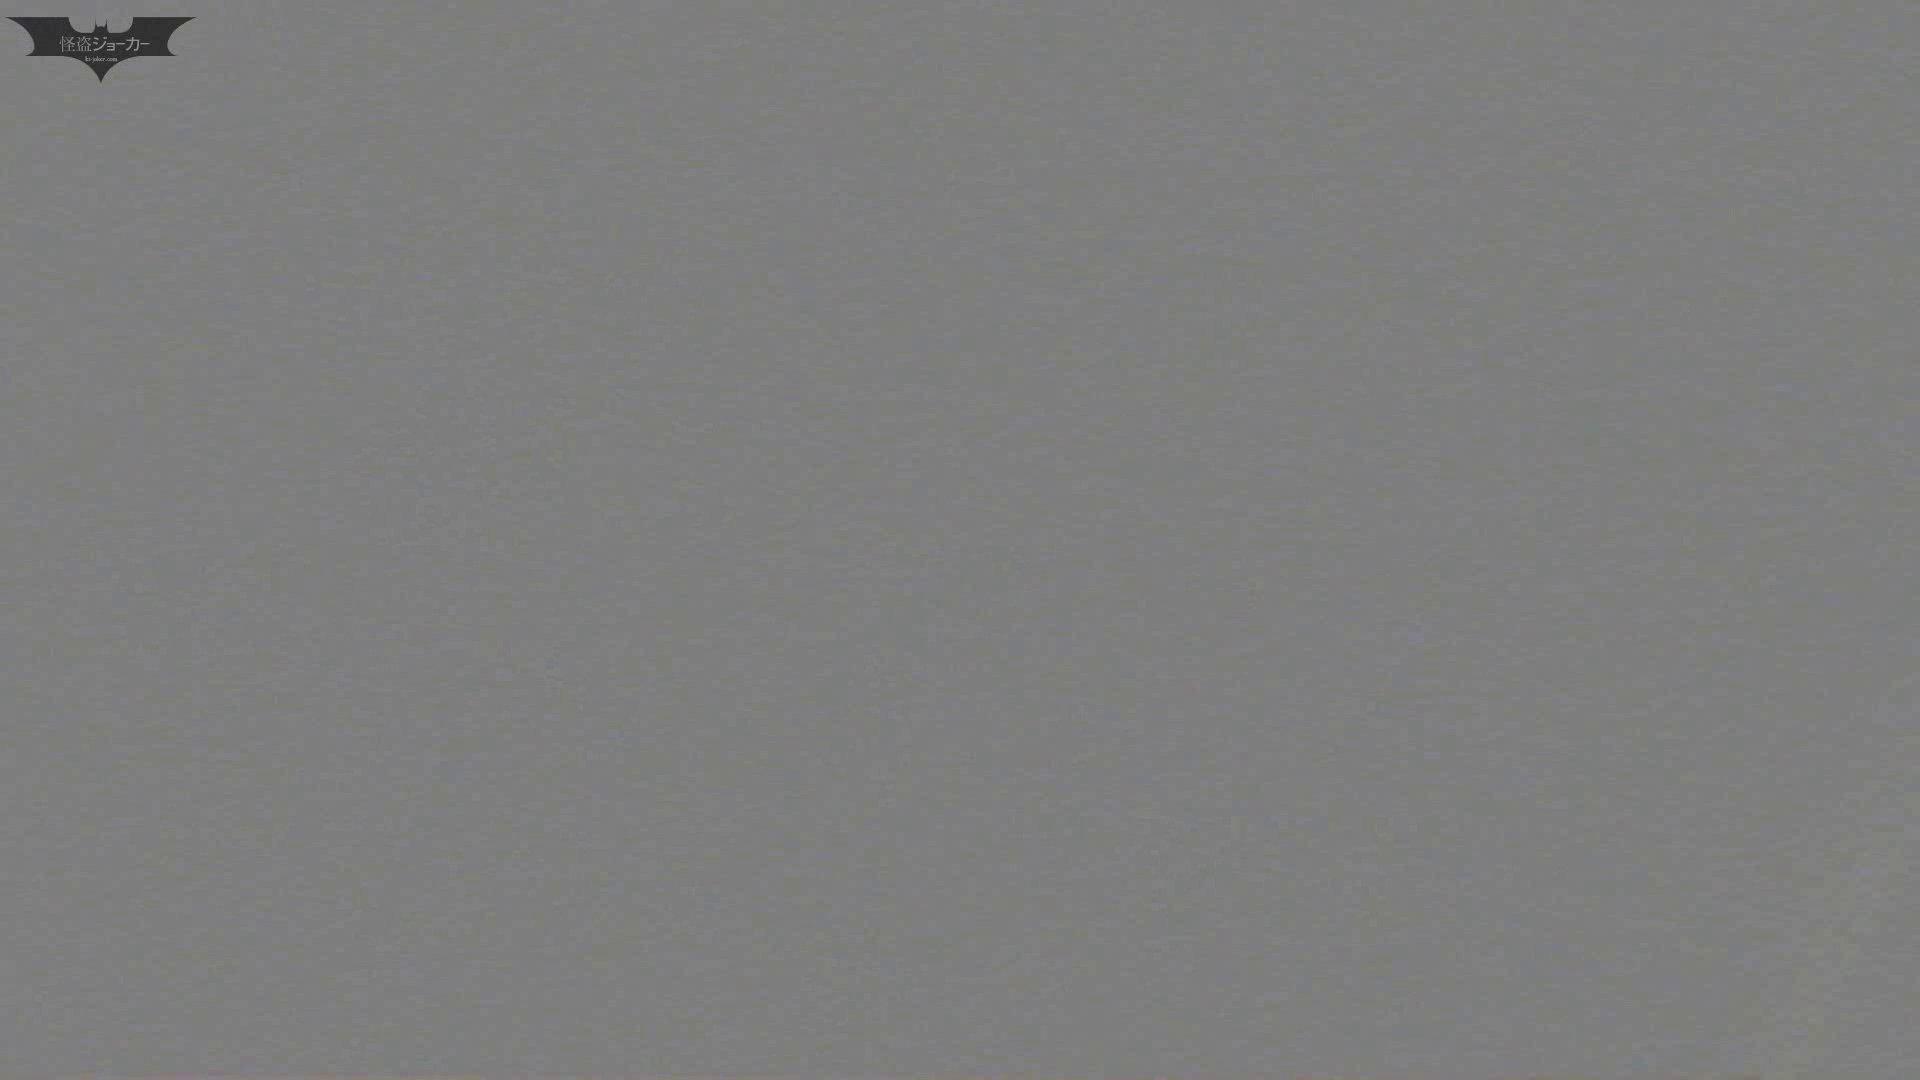 新世界の射窓 No64日本ギャル登場か?ハイヒール大特集! 高画質  75PIX 29